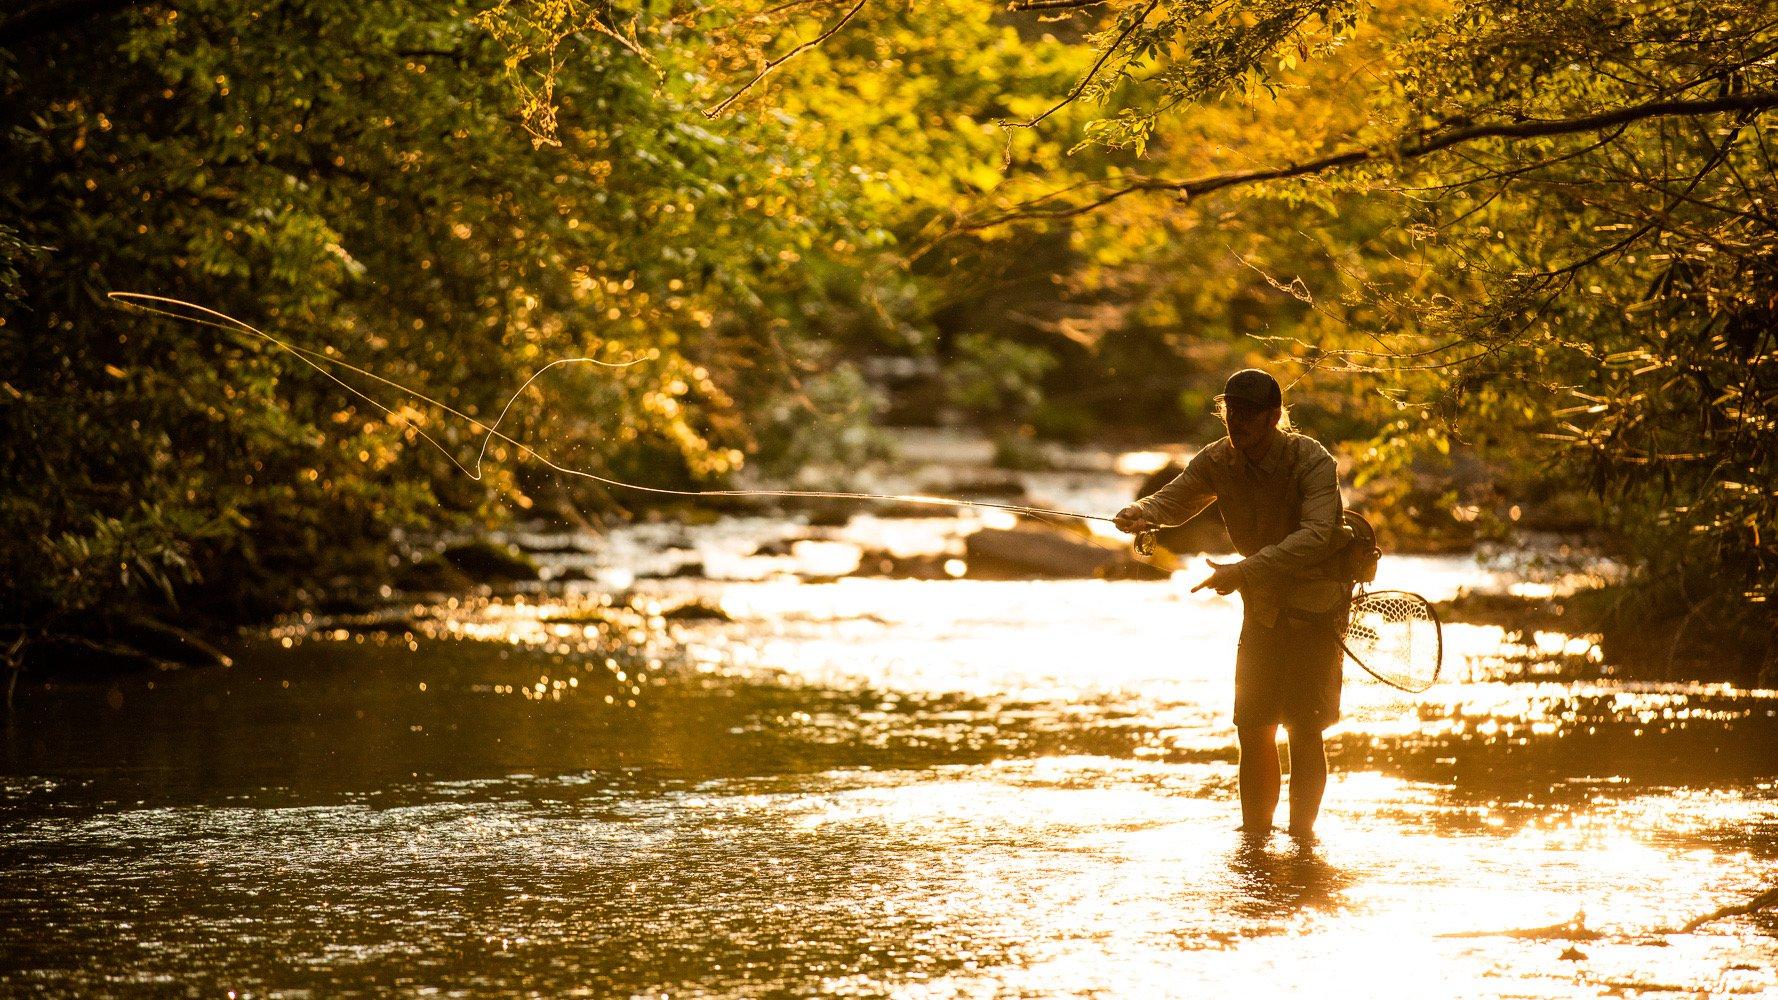 Fly Fishing in Creek